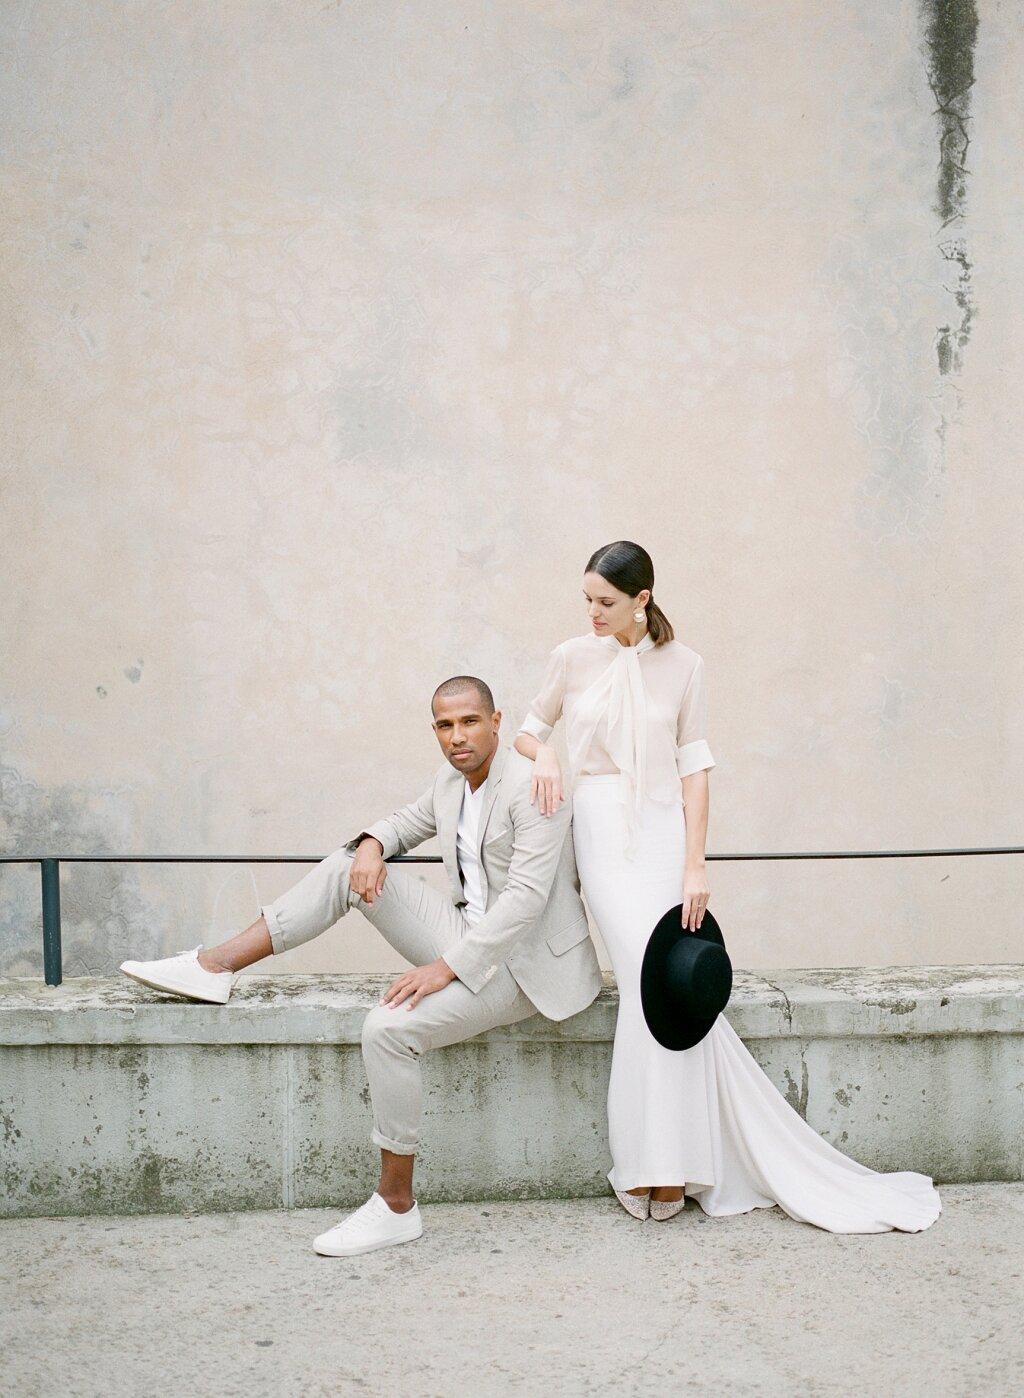 Fashion-engagement-shoot-Ravello-Italy-Amalfi Coast_Tanja Kibogo (21).JPG